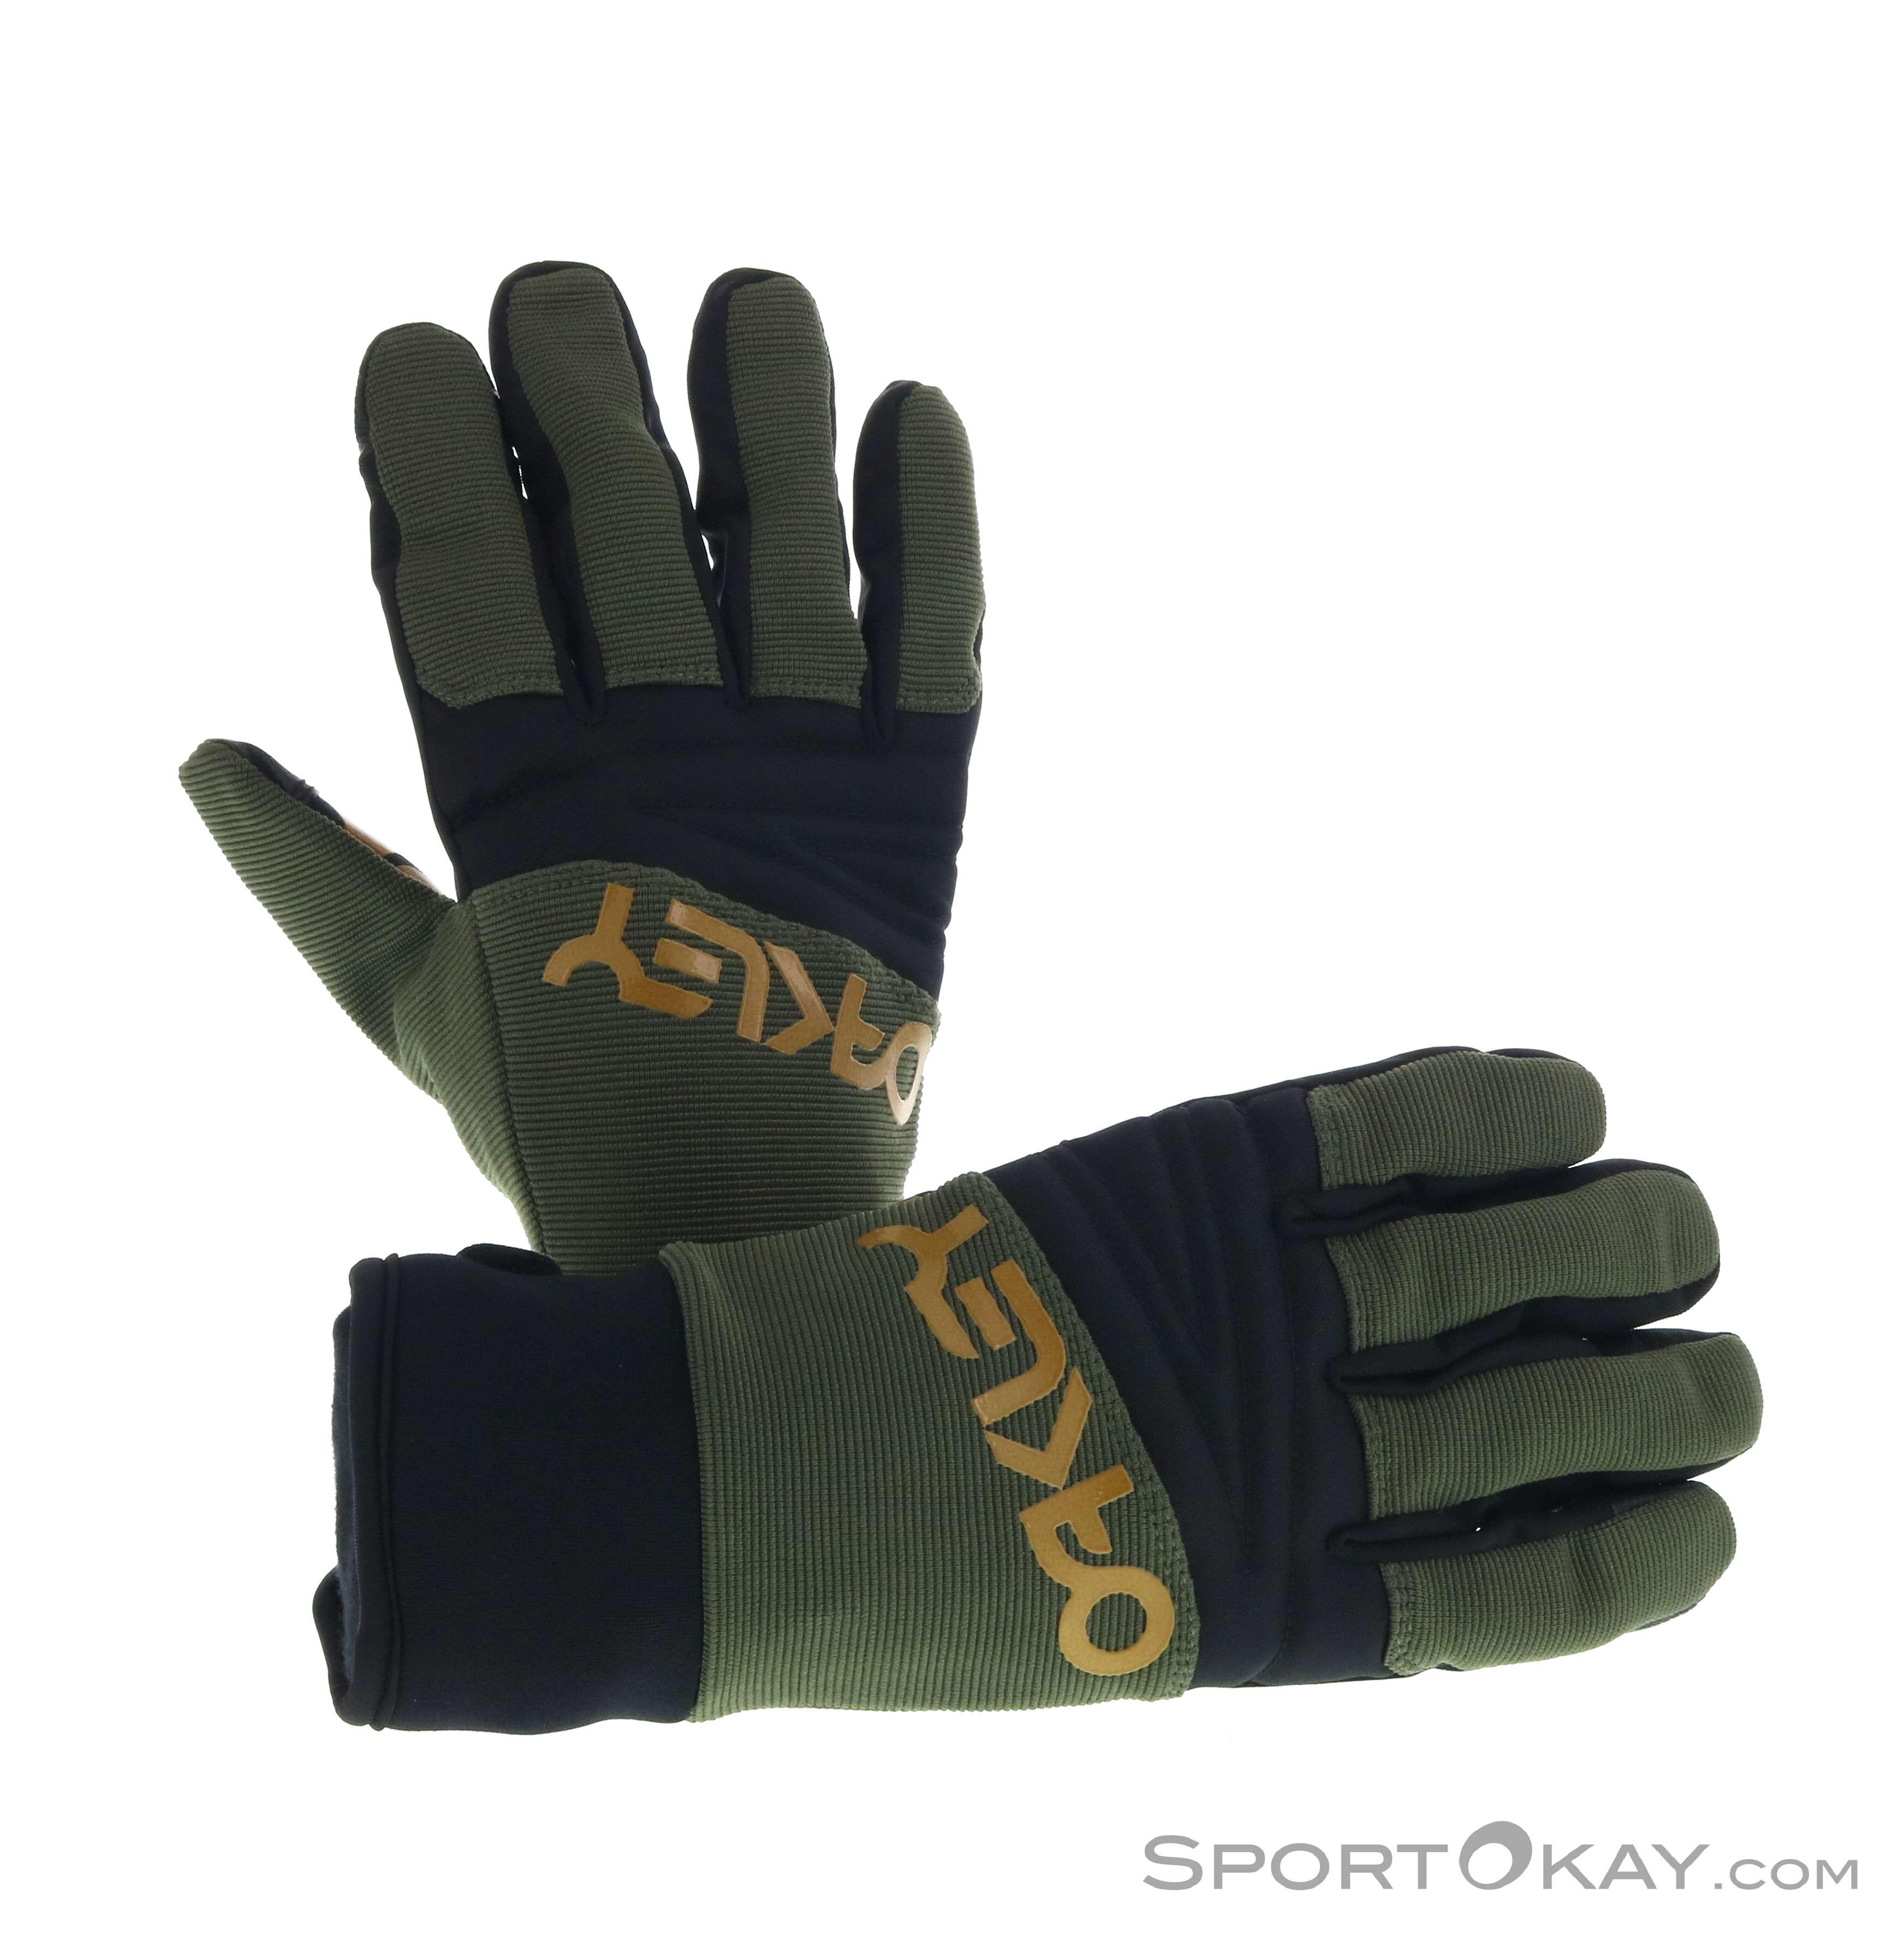 Oakley Factory Park Glove Handschuhe-Oliv-Dunkelgrün-S